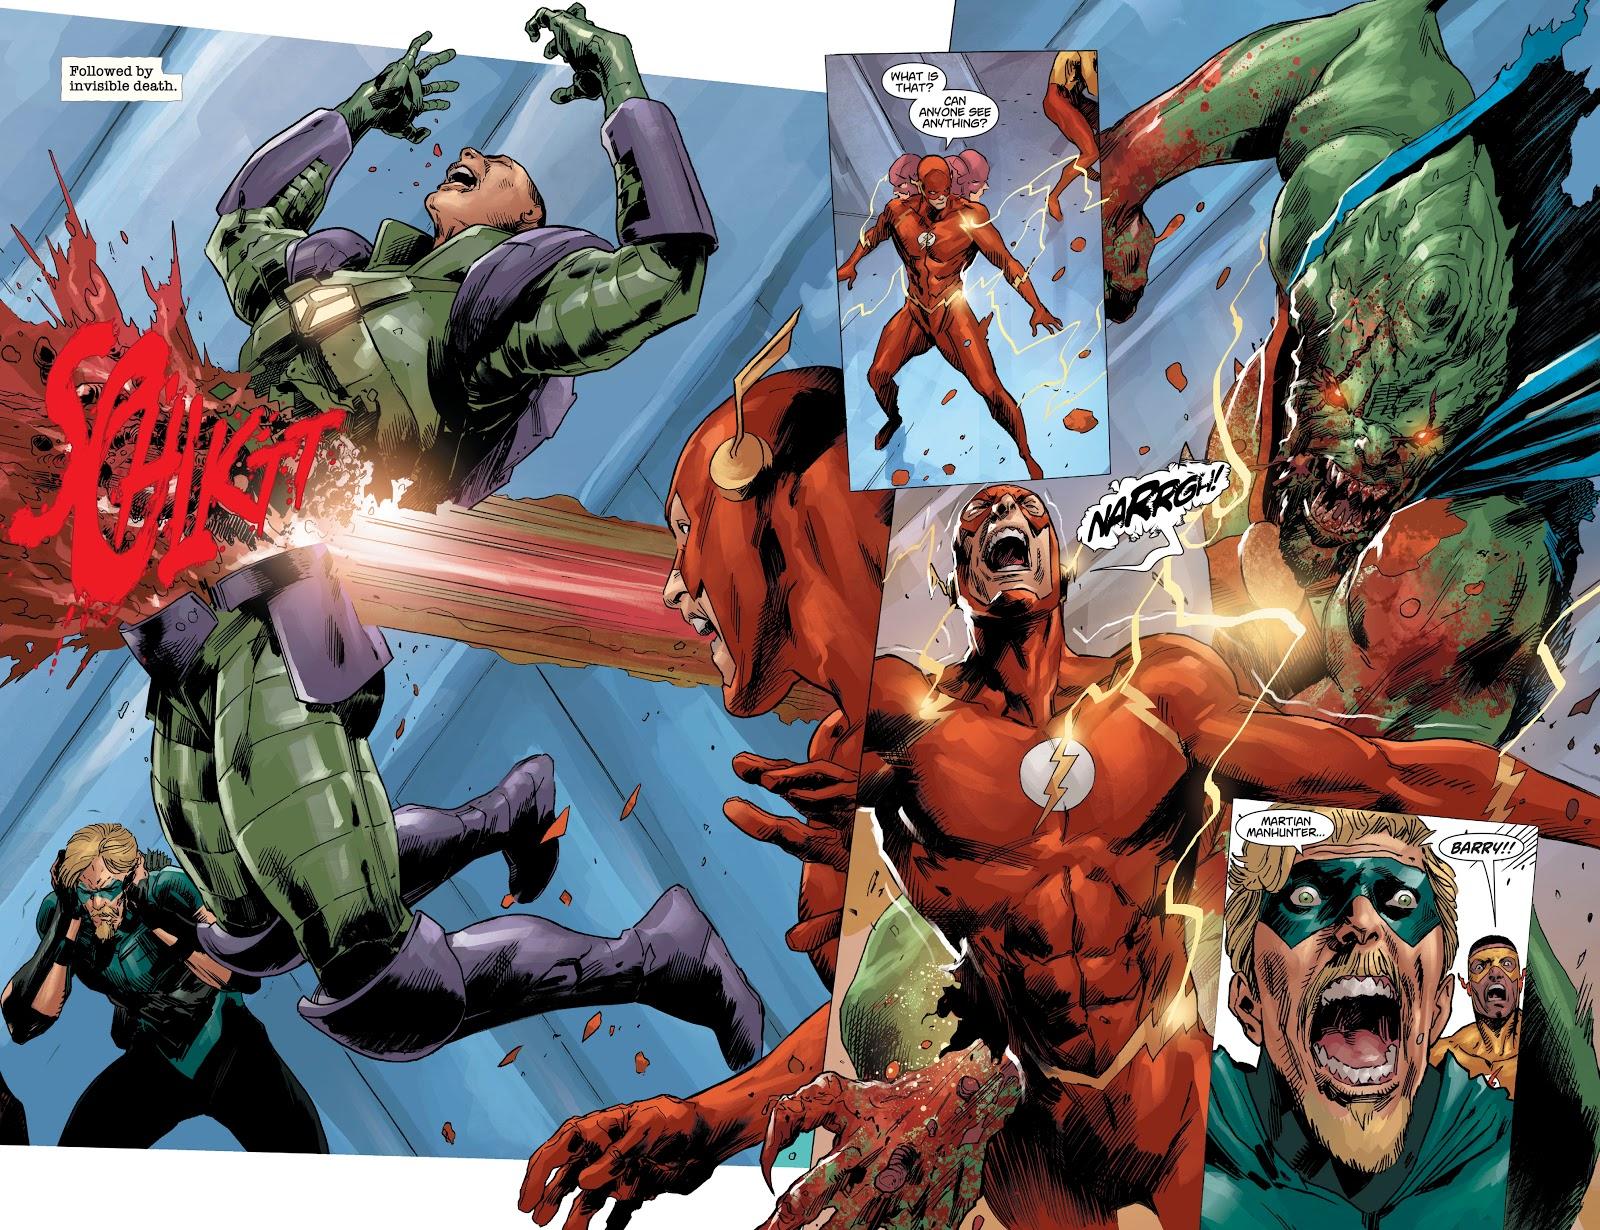 Firestorm Kills Martian Manhunter (DCeased)